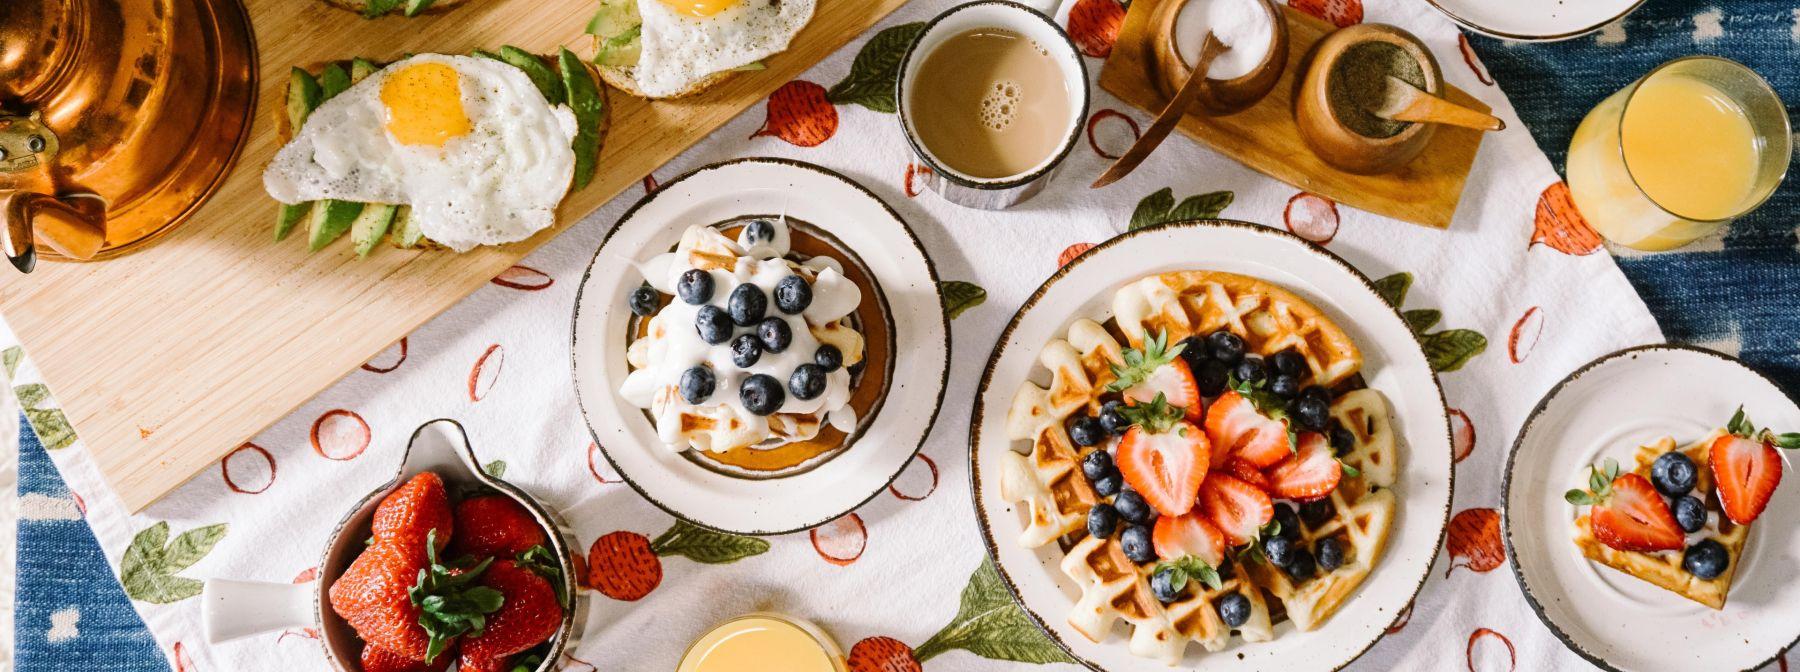 Zsírégetés kalóriaszámlálás nélkül? | Bemutatjuk, hogy lehetséges